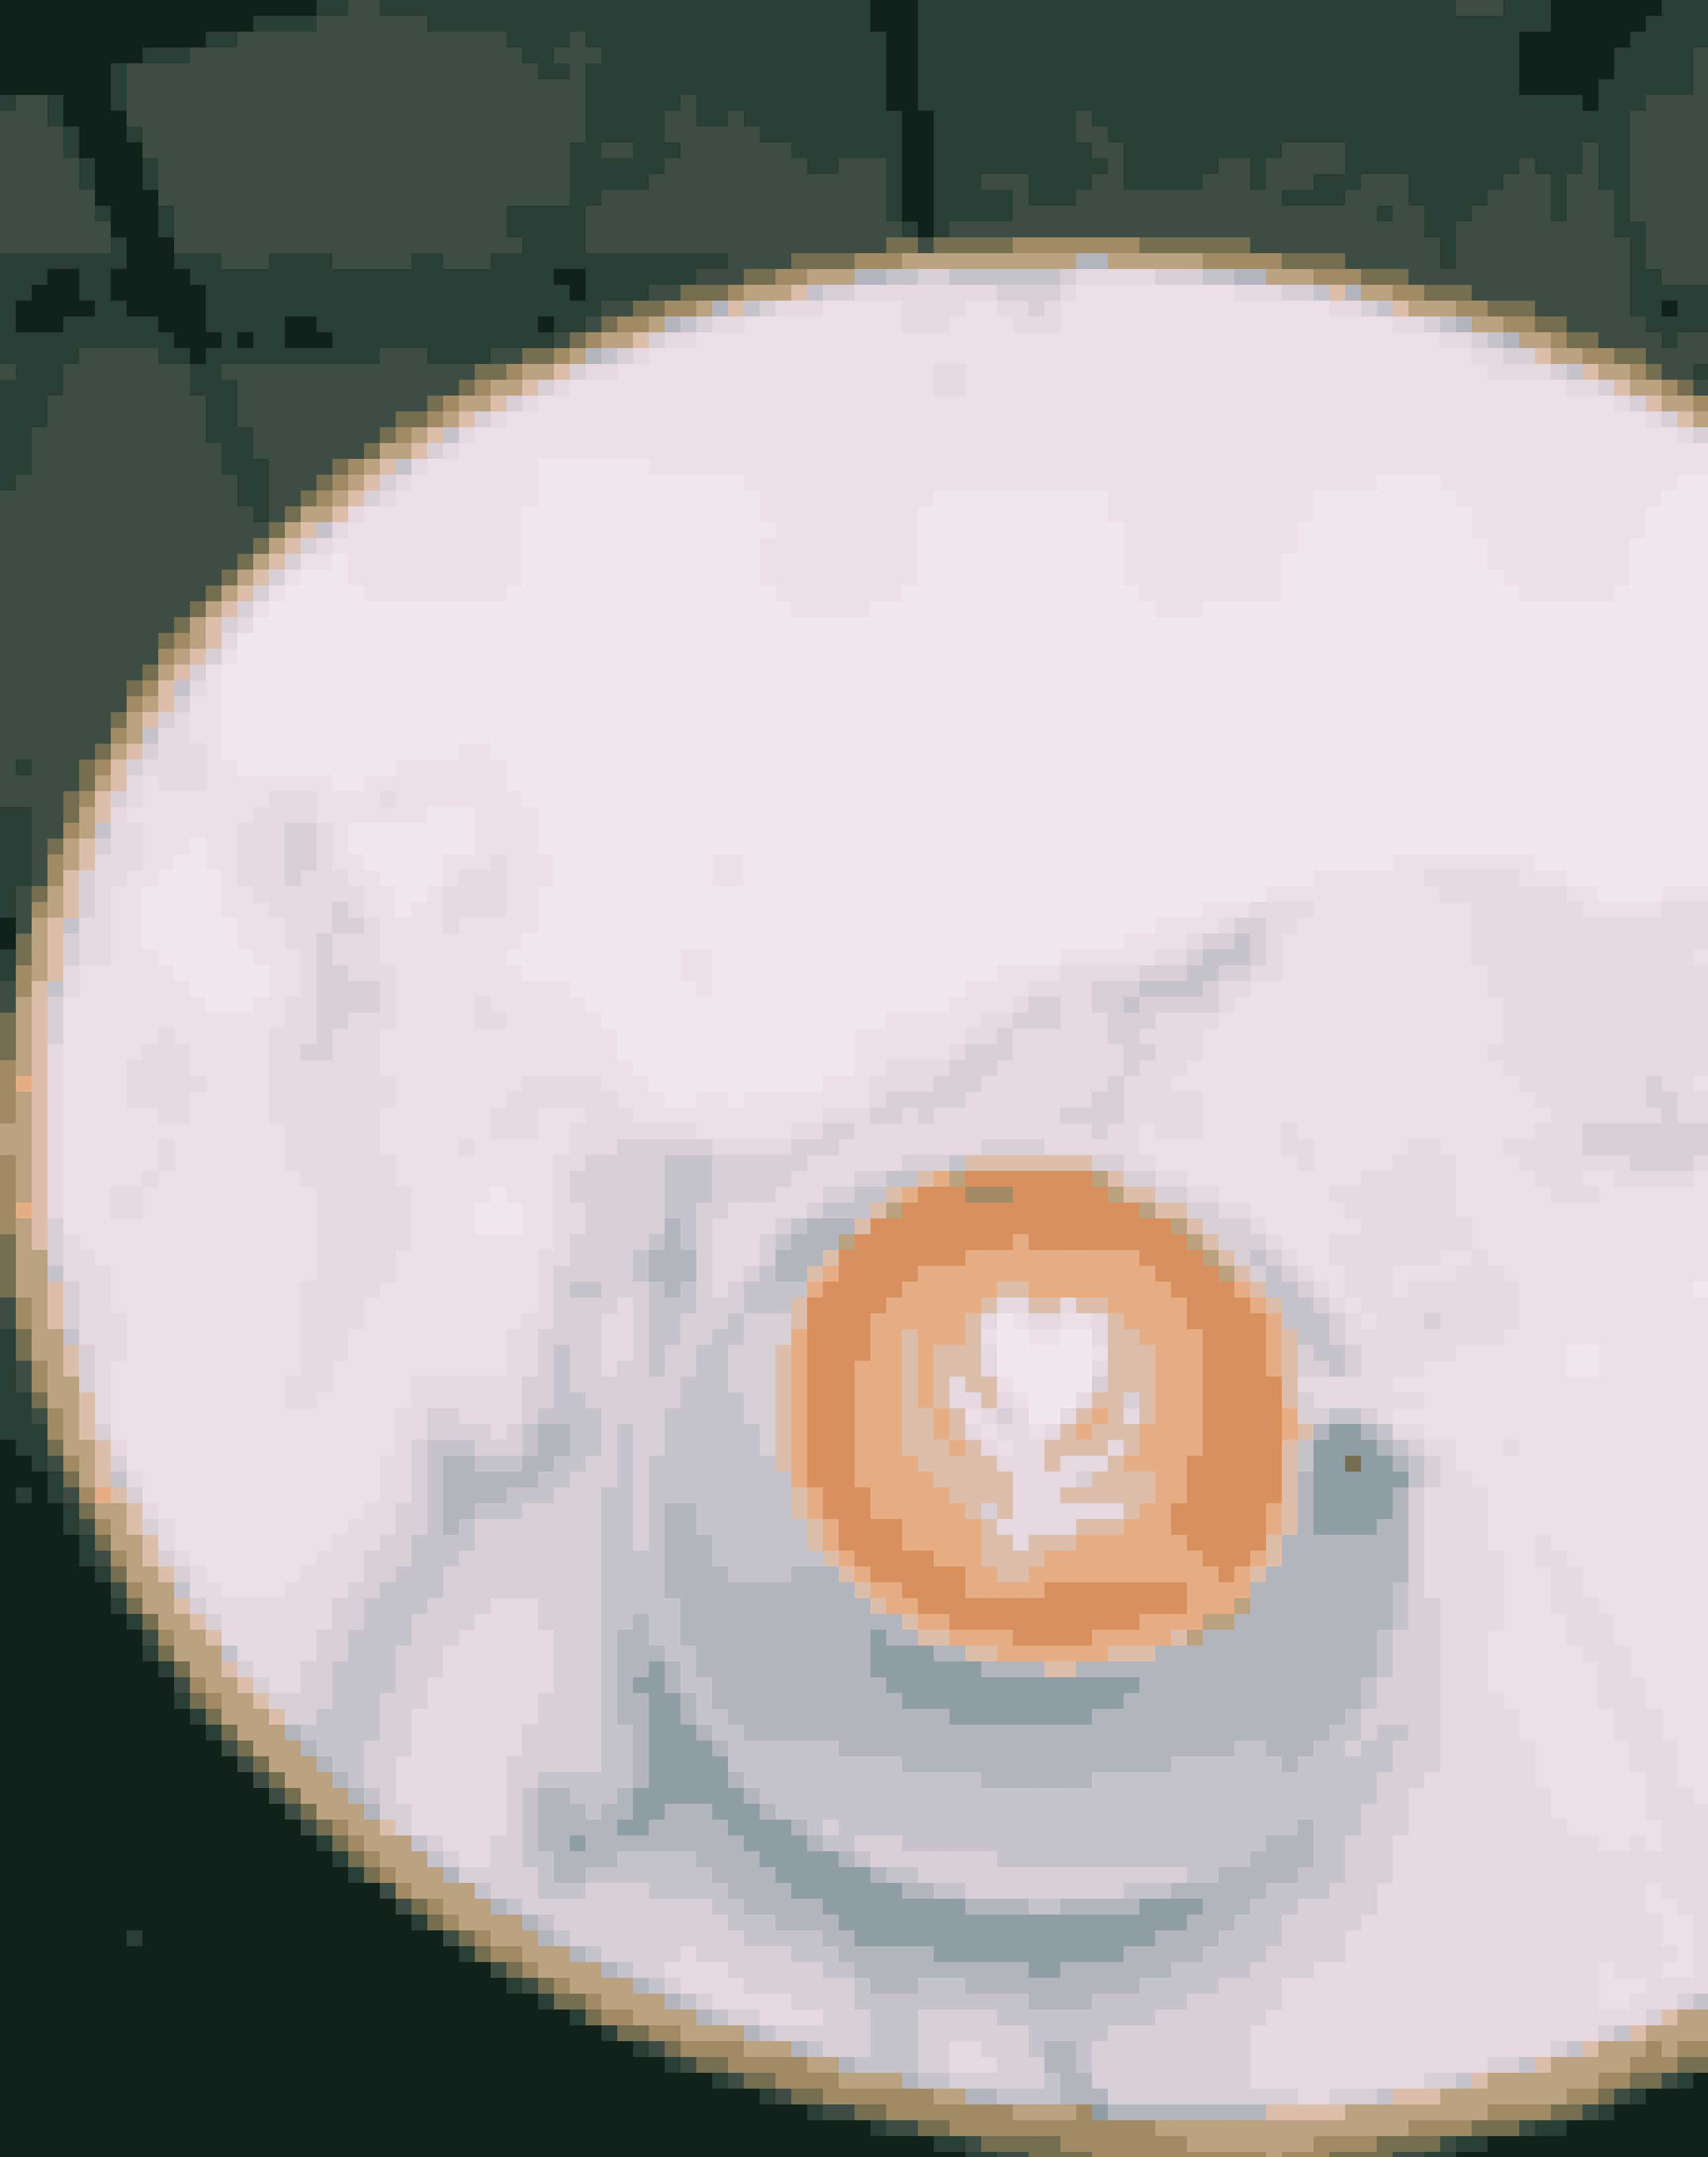 Gavekort til en lækker varm drik på jeres lokale kaffebarForkæl vinderen af mandlen med to kopper lækre varme drikke på jeres lokale favoritkaffebar - en til hver af jer.